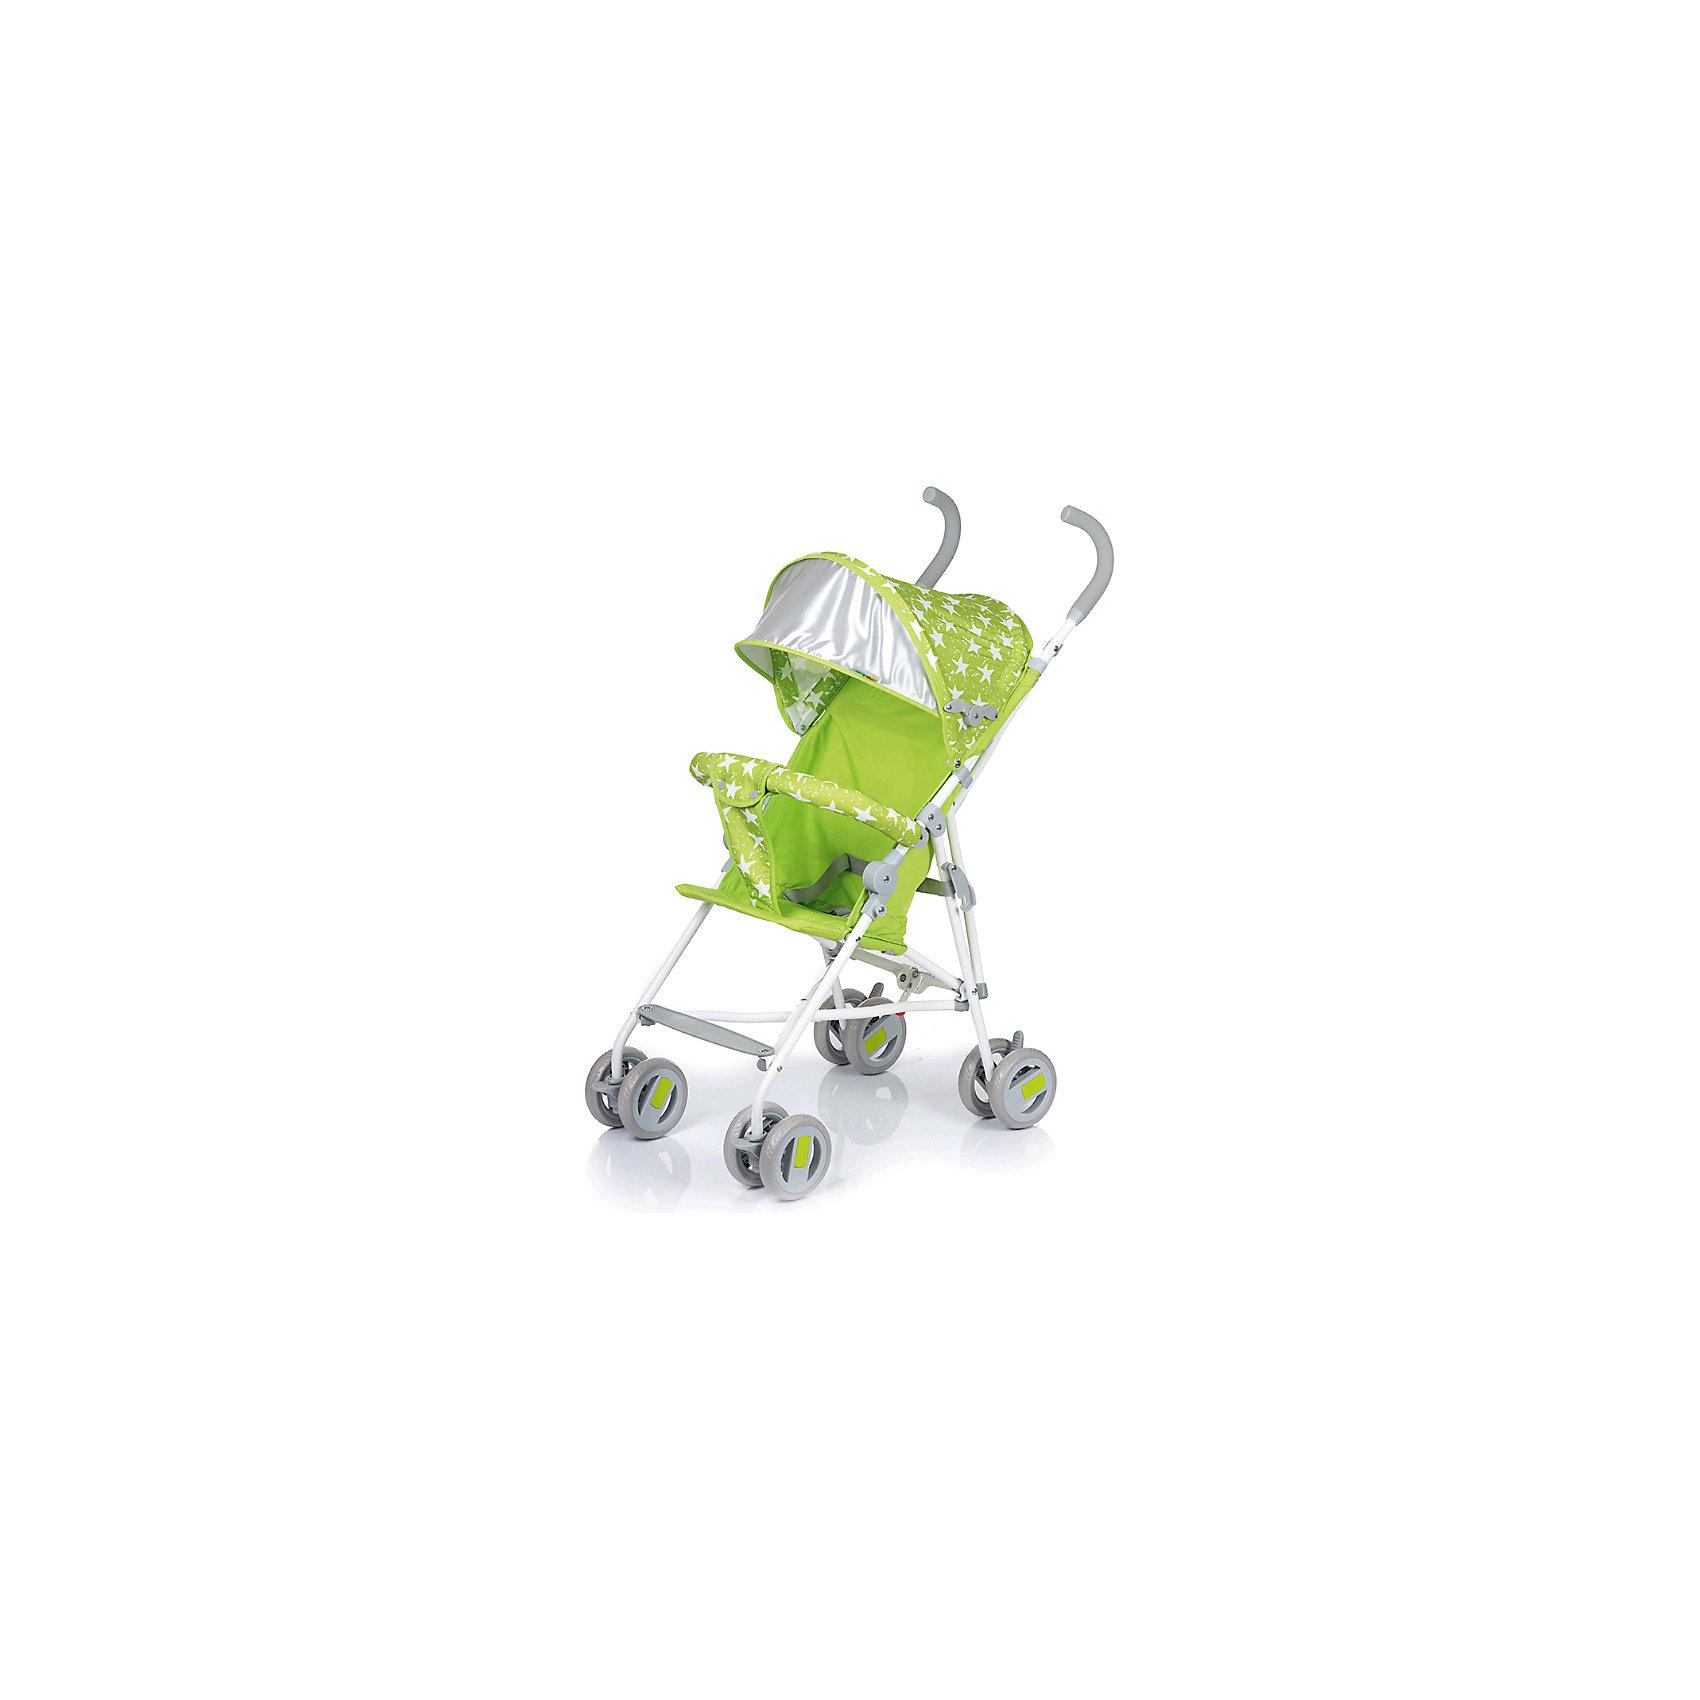 Baby Hit Коляска-трость BabyHit Weeny Green Star (Звезды, зеленый)